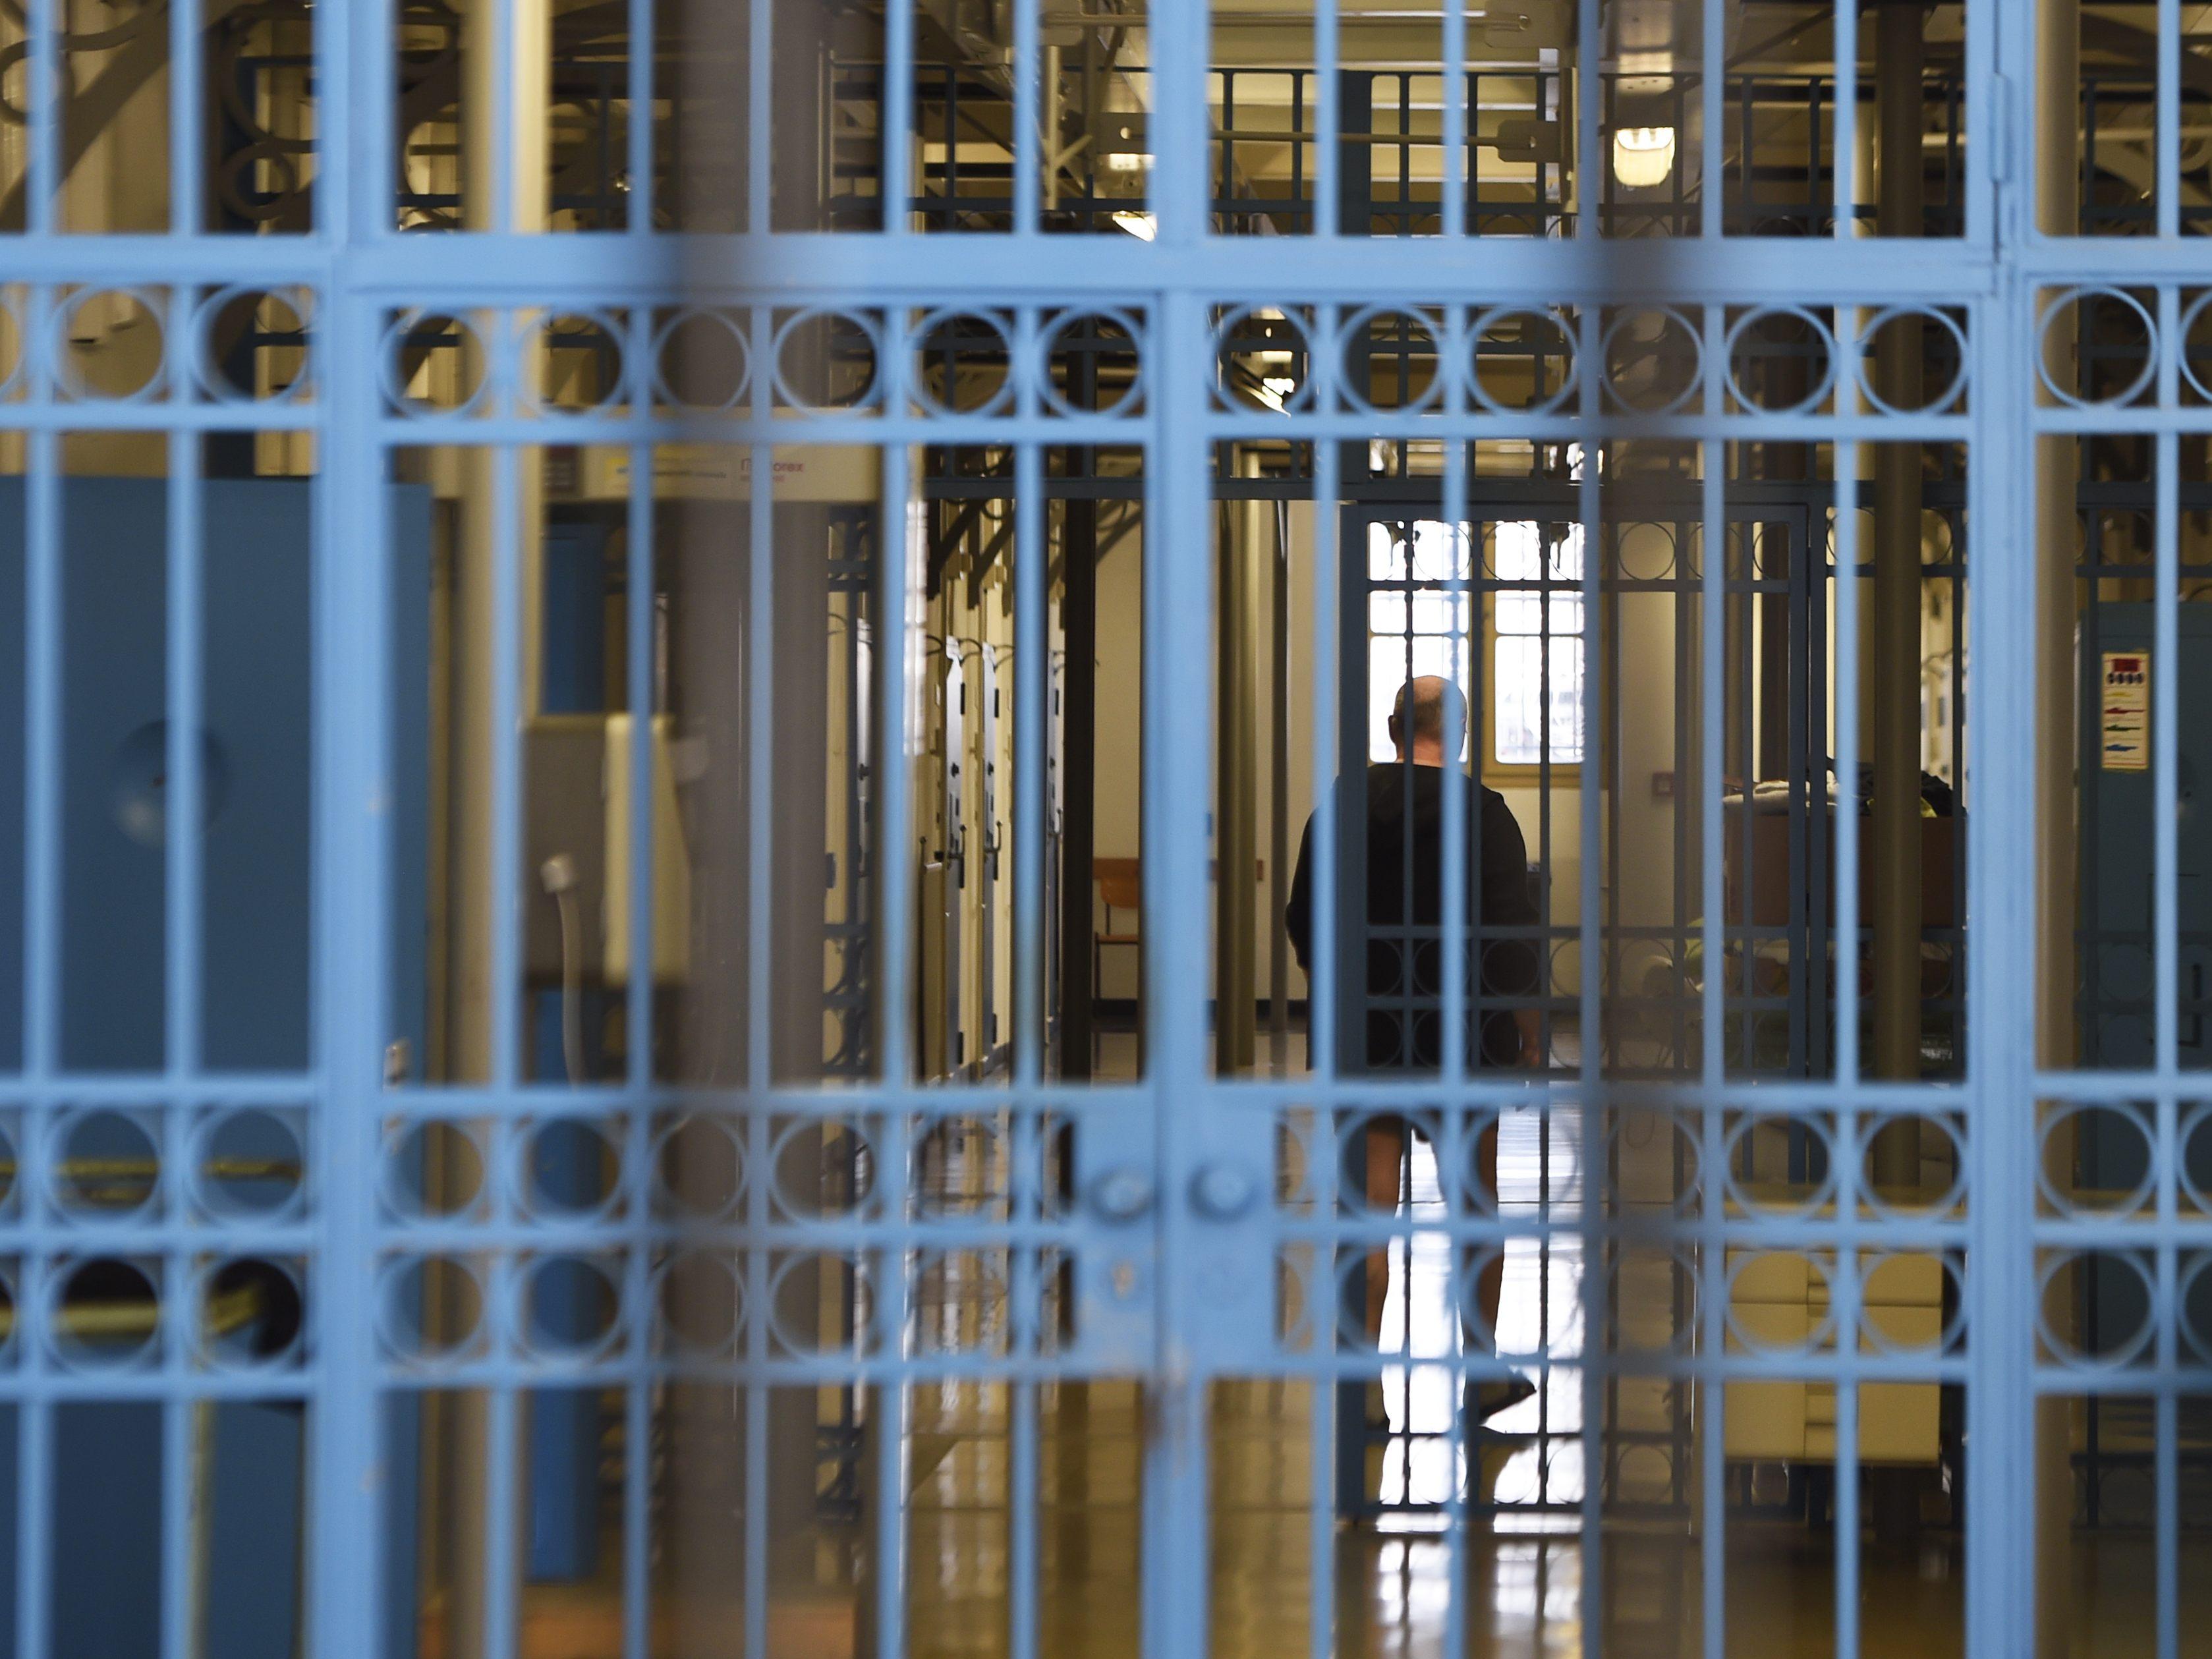 15-J-hriger-stach-in-Wiener-Park-auf-Mann-ein-4-5-Jahre-Haft